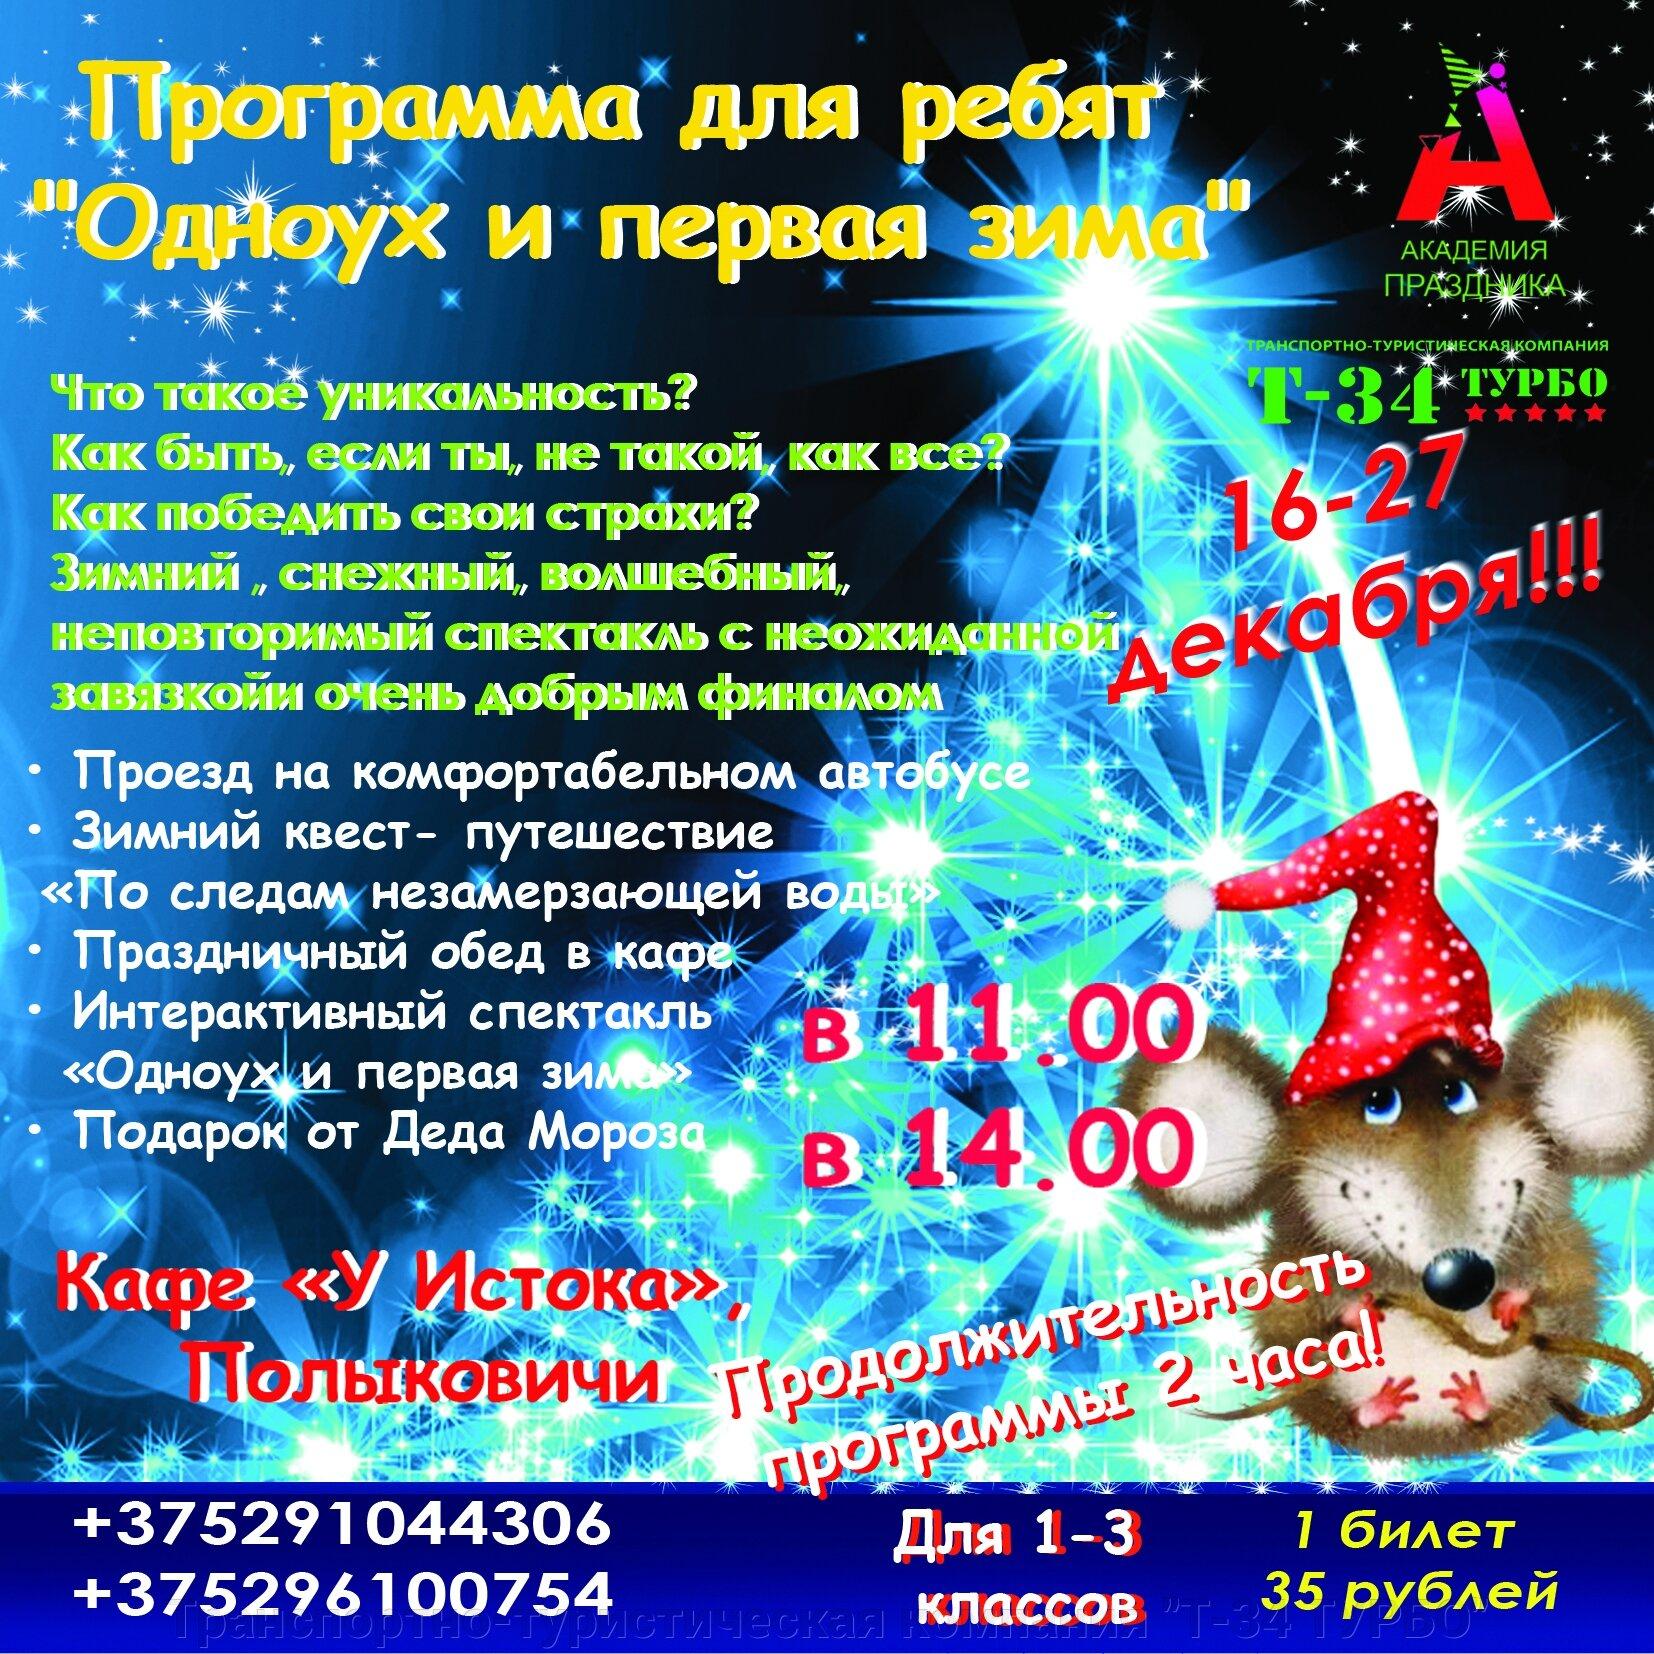 pic_9370115c75948a134025f93ae5679de3_1920x9000_1.jpg